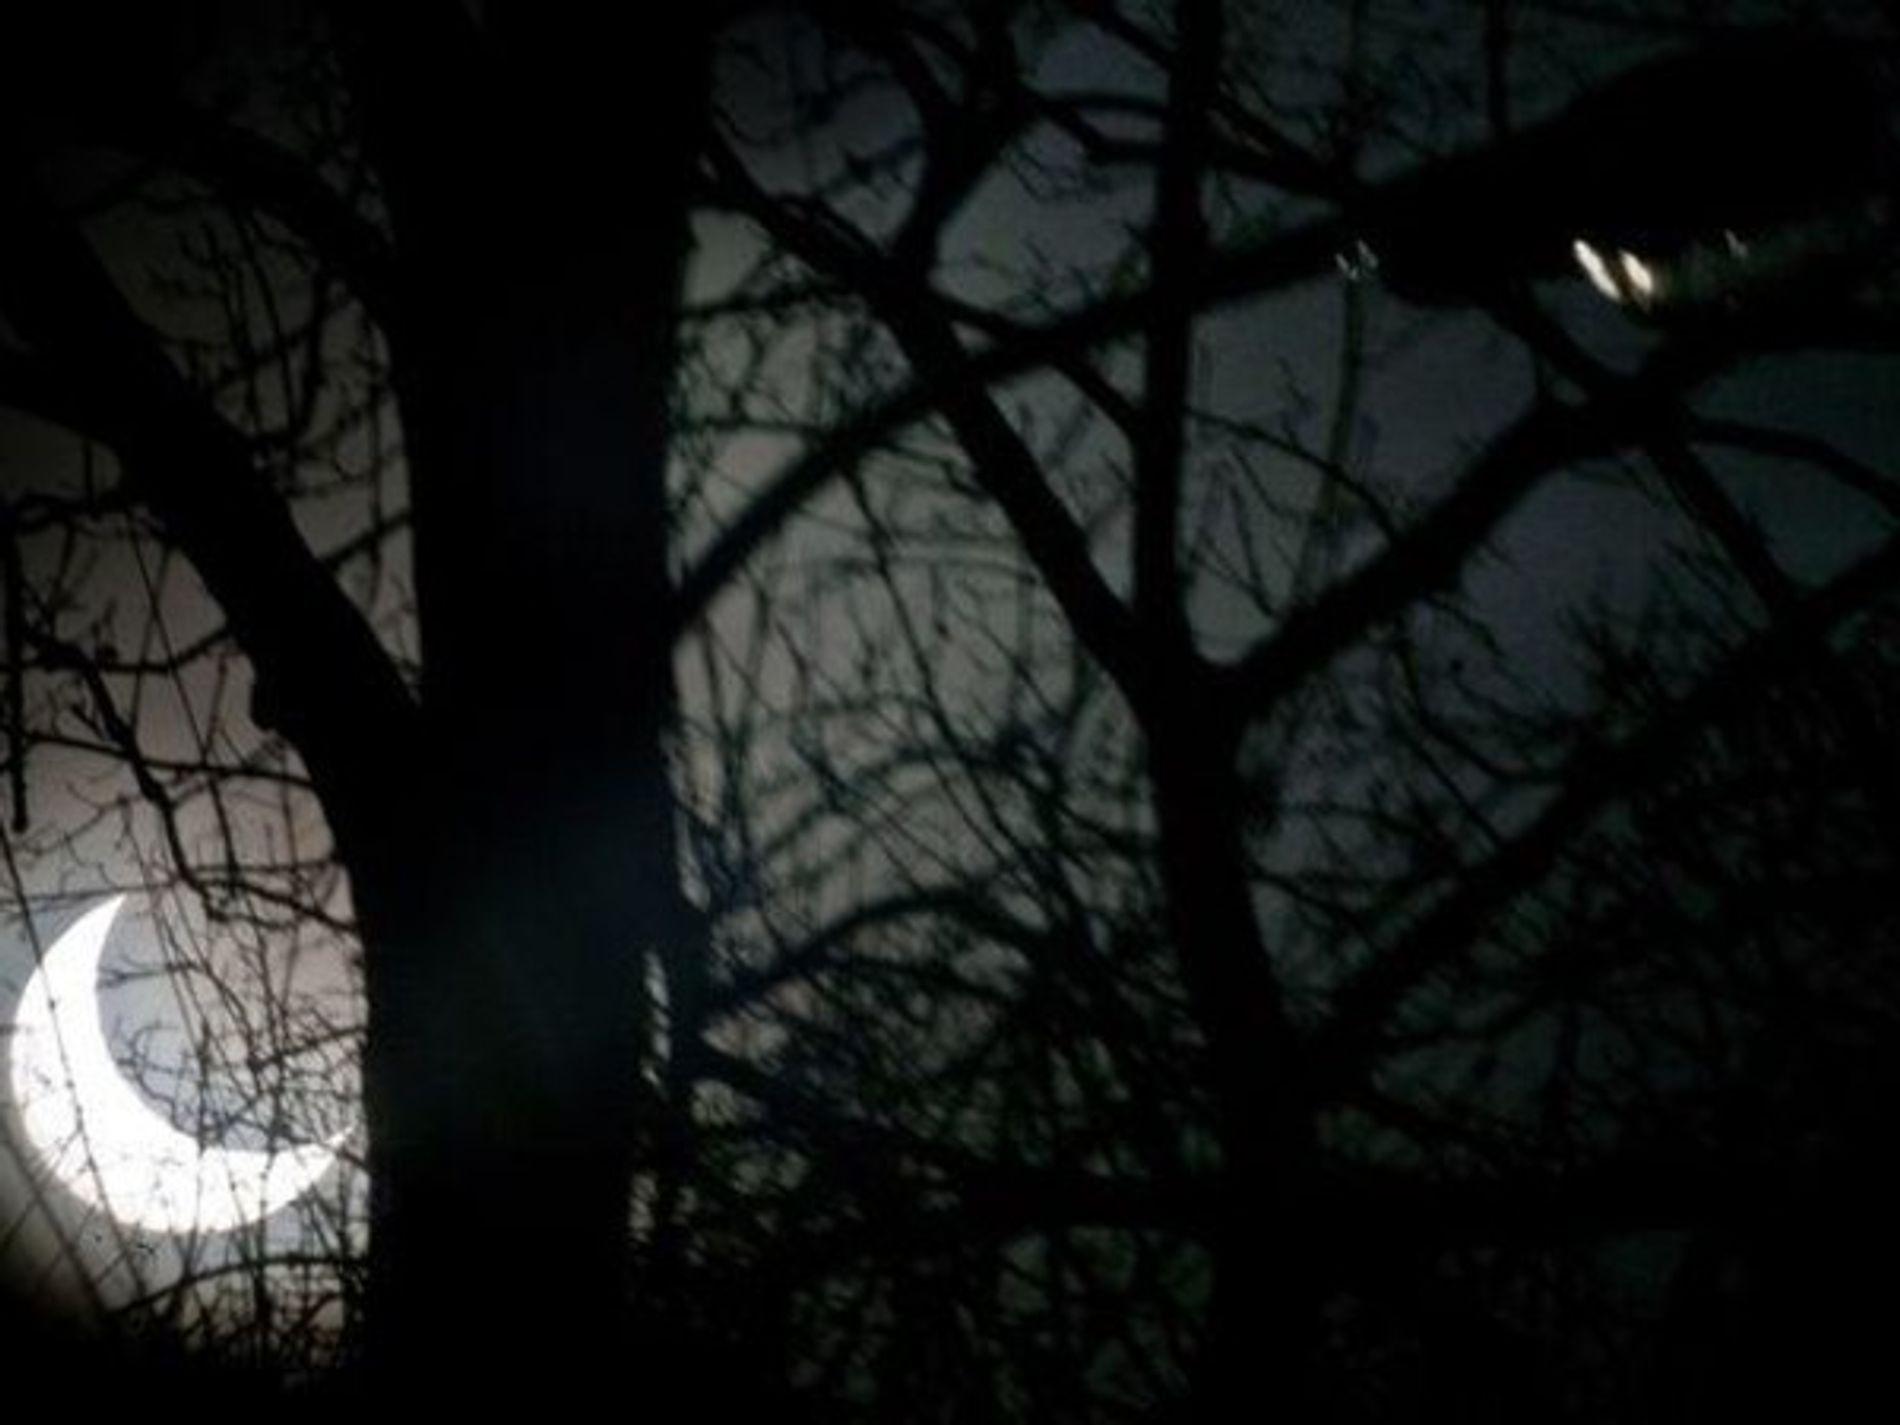 La Luna, Mitos y leyendas